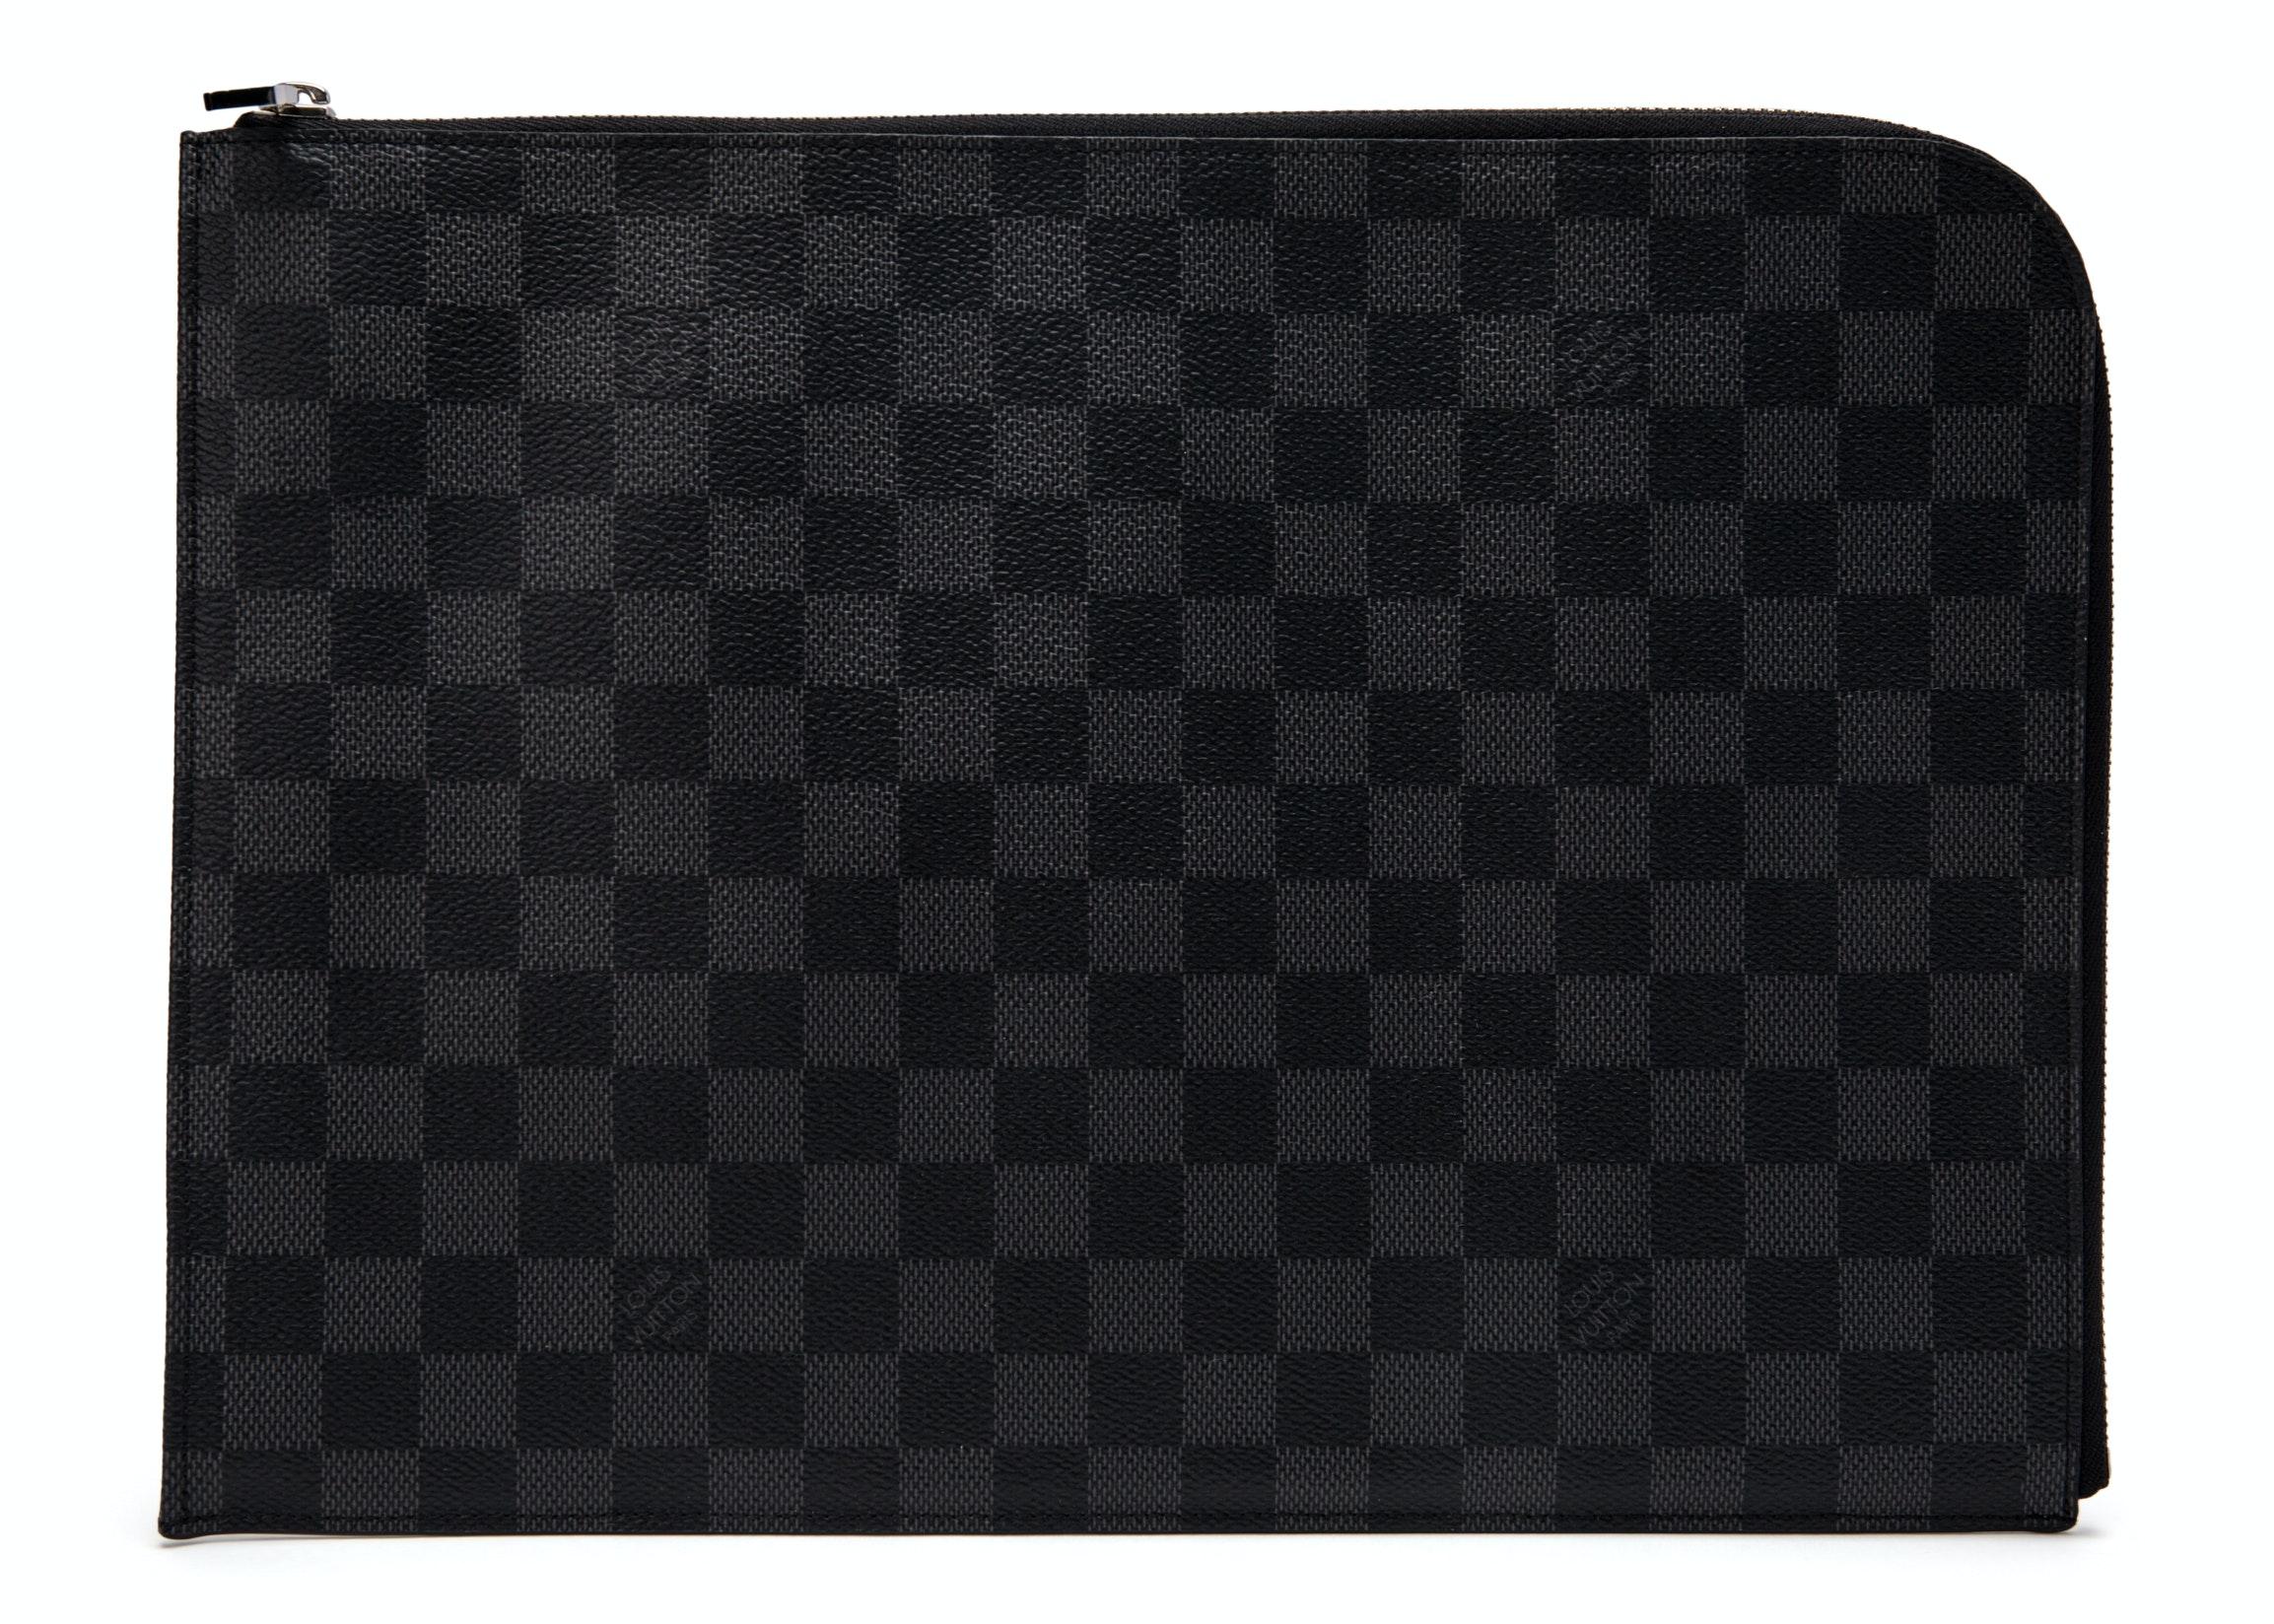 Louis Vuitton Pochette Jour Damier Graphite GM Black